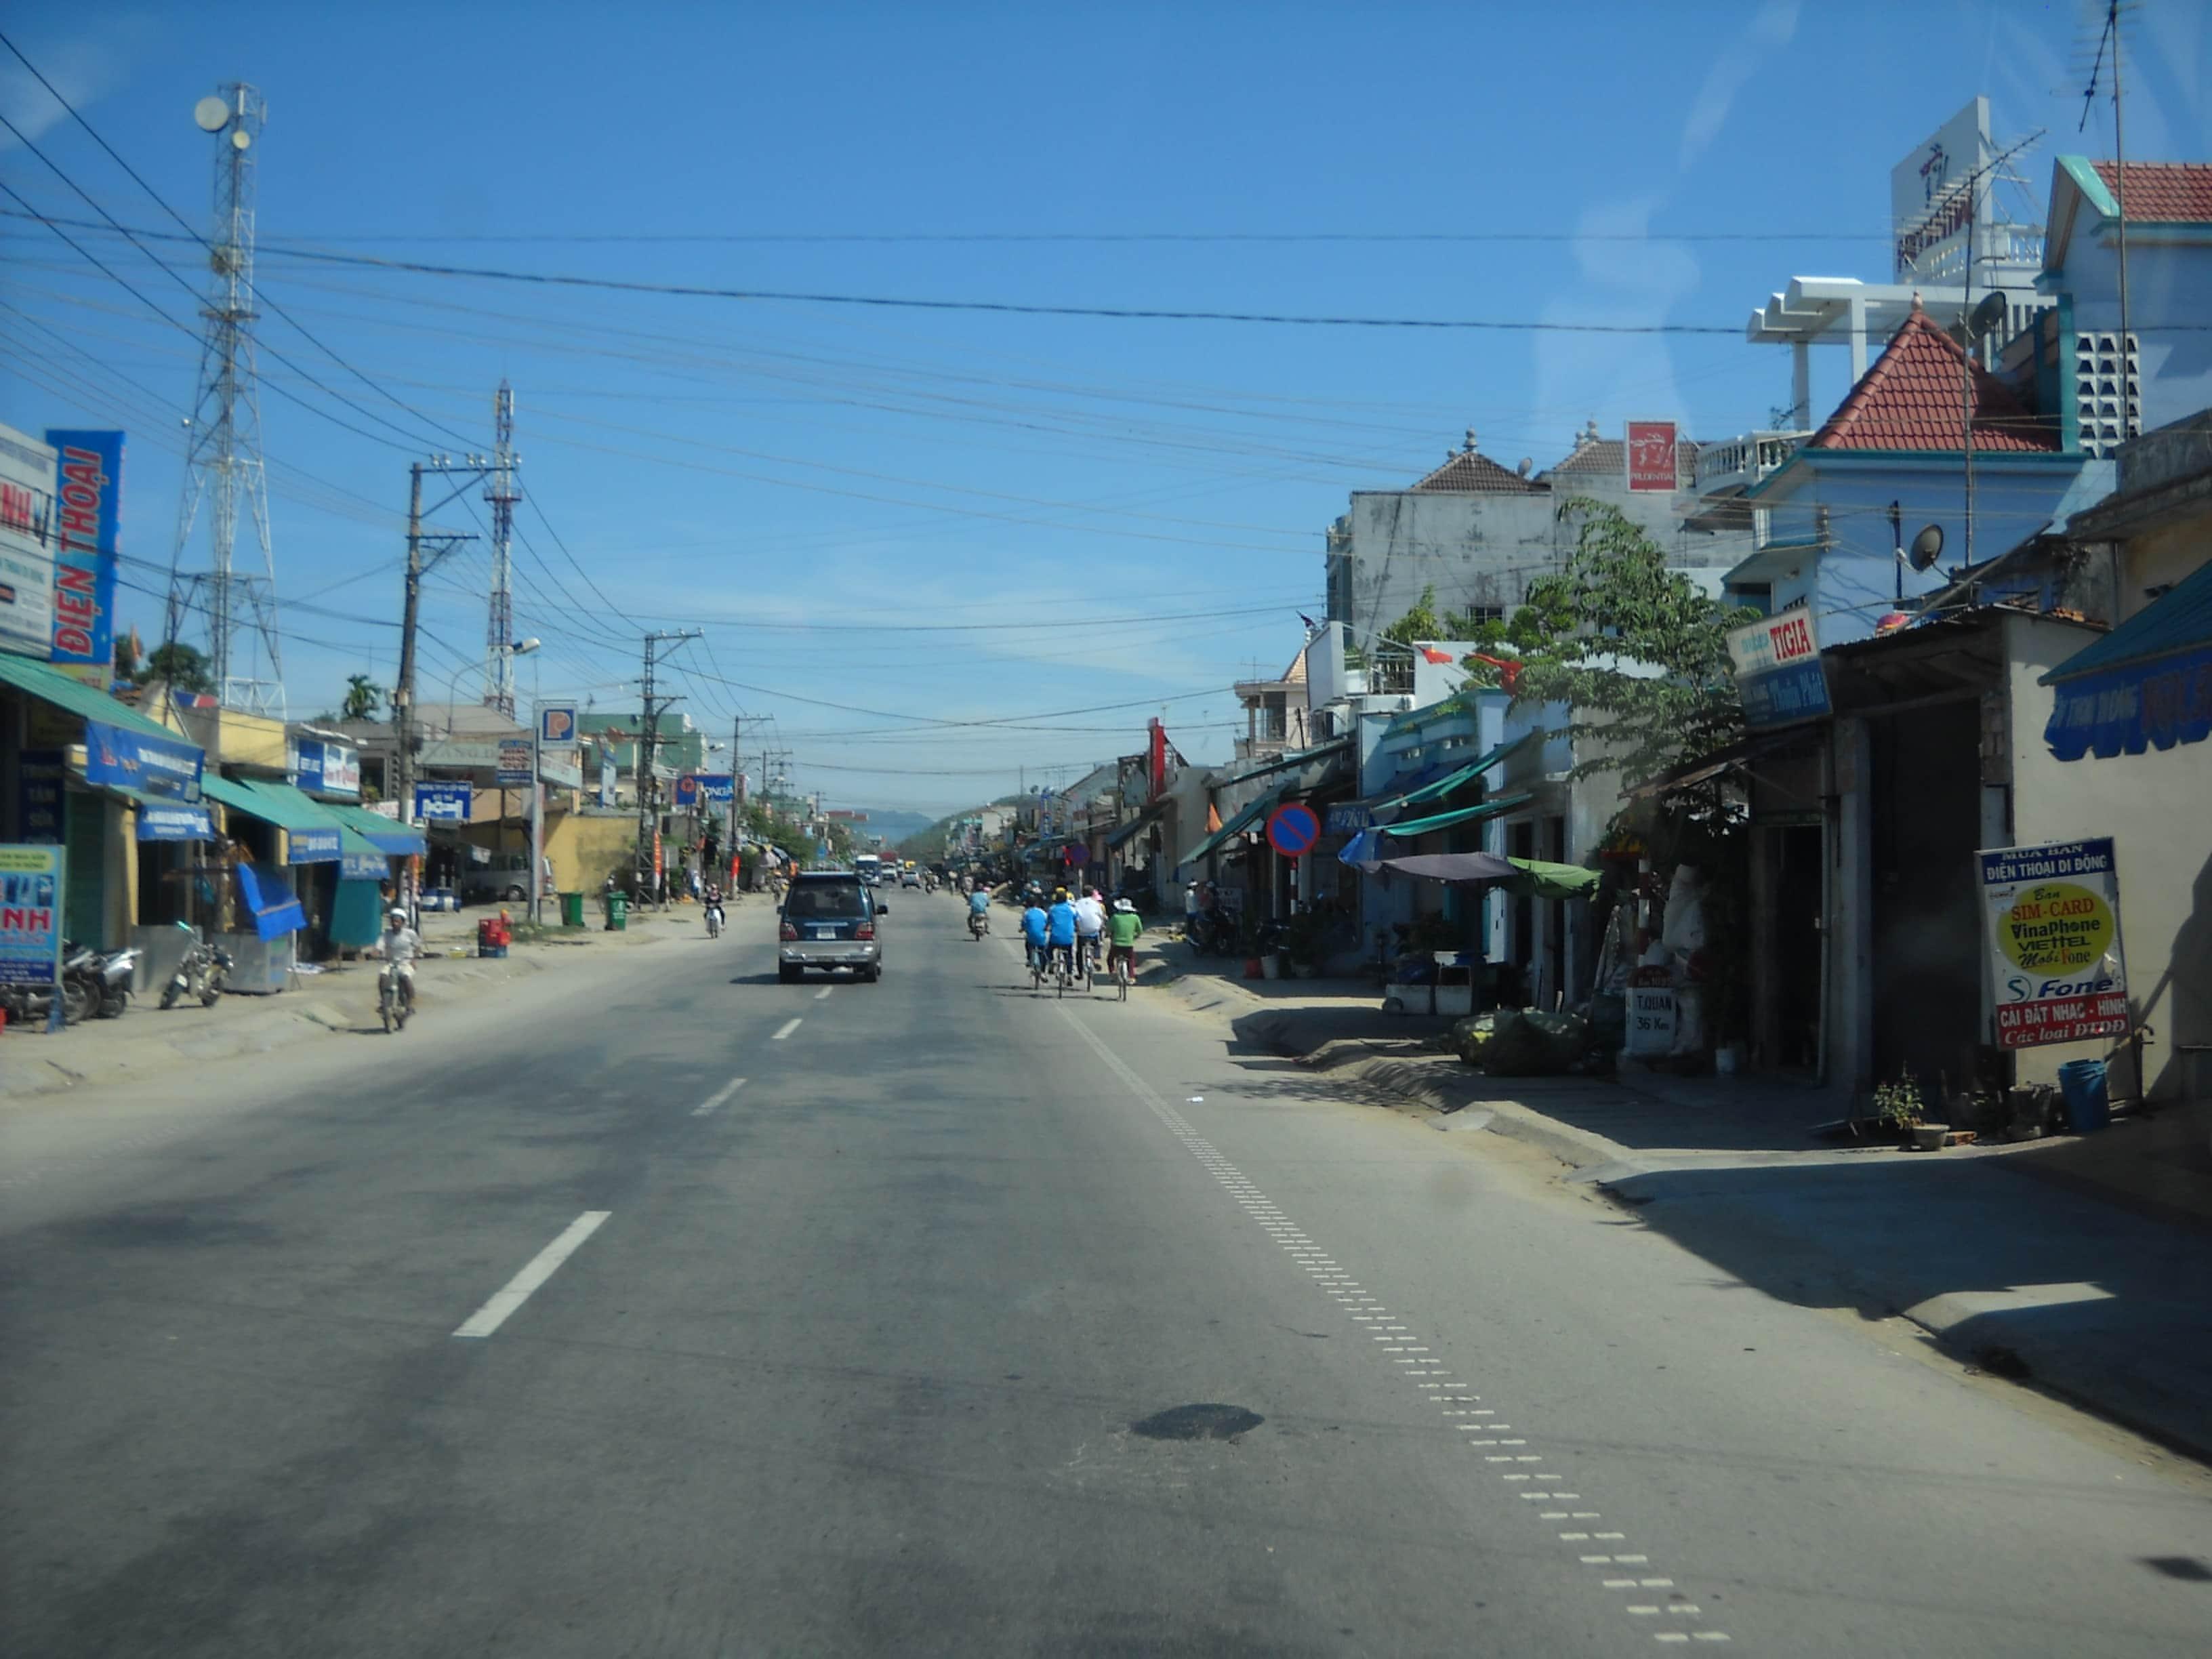 Bán nhớt Repsol chất lượng cao tại Quảng Ngãi